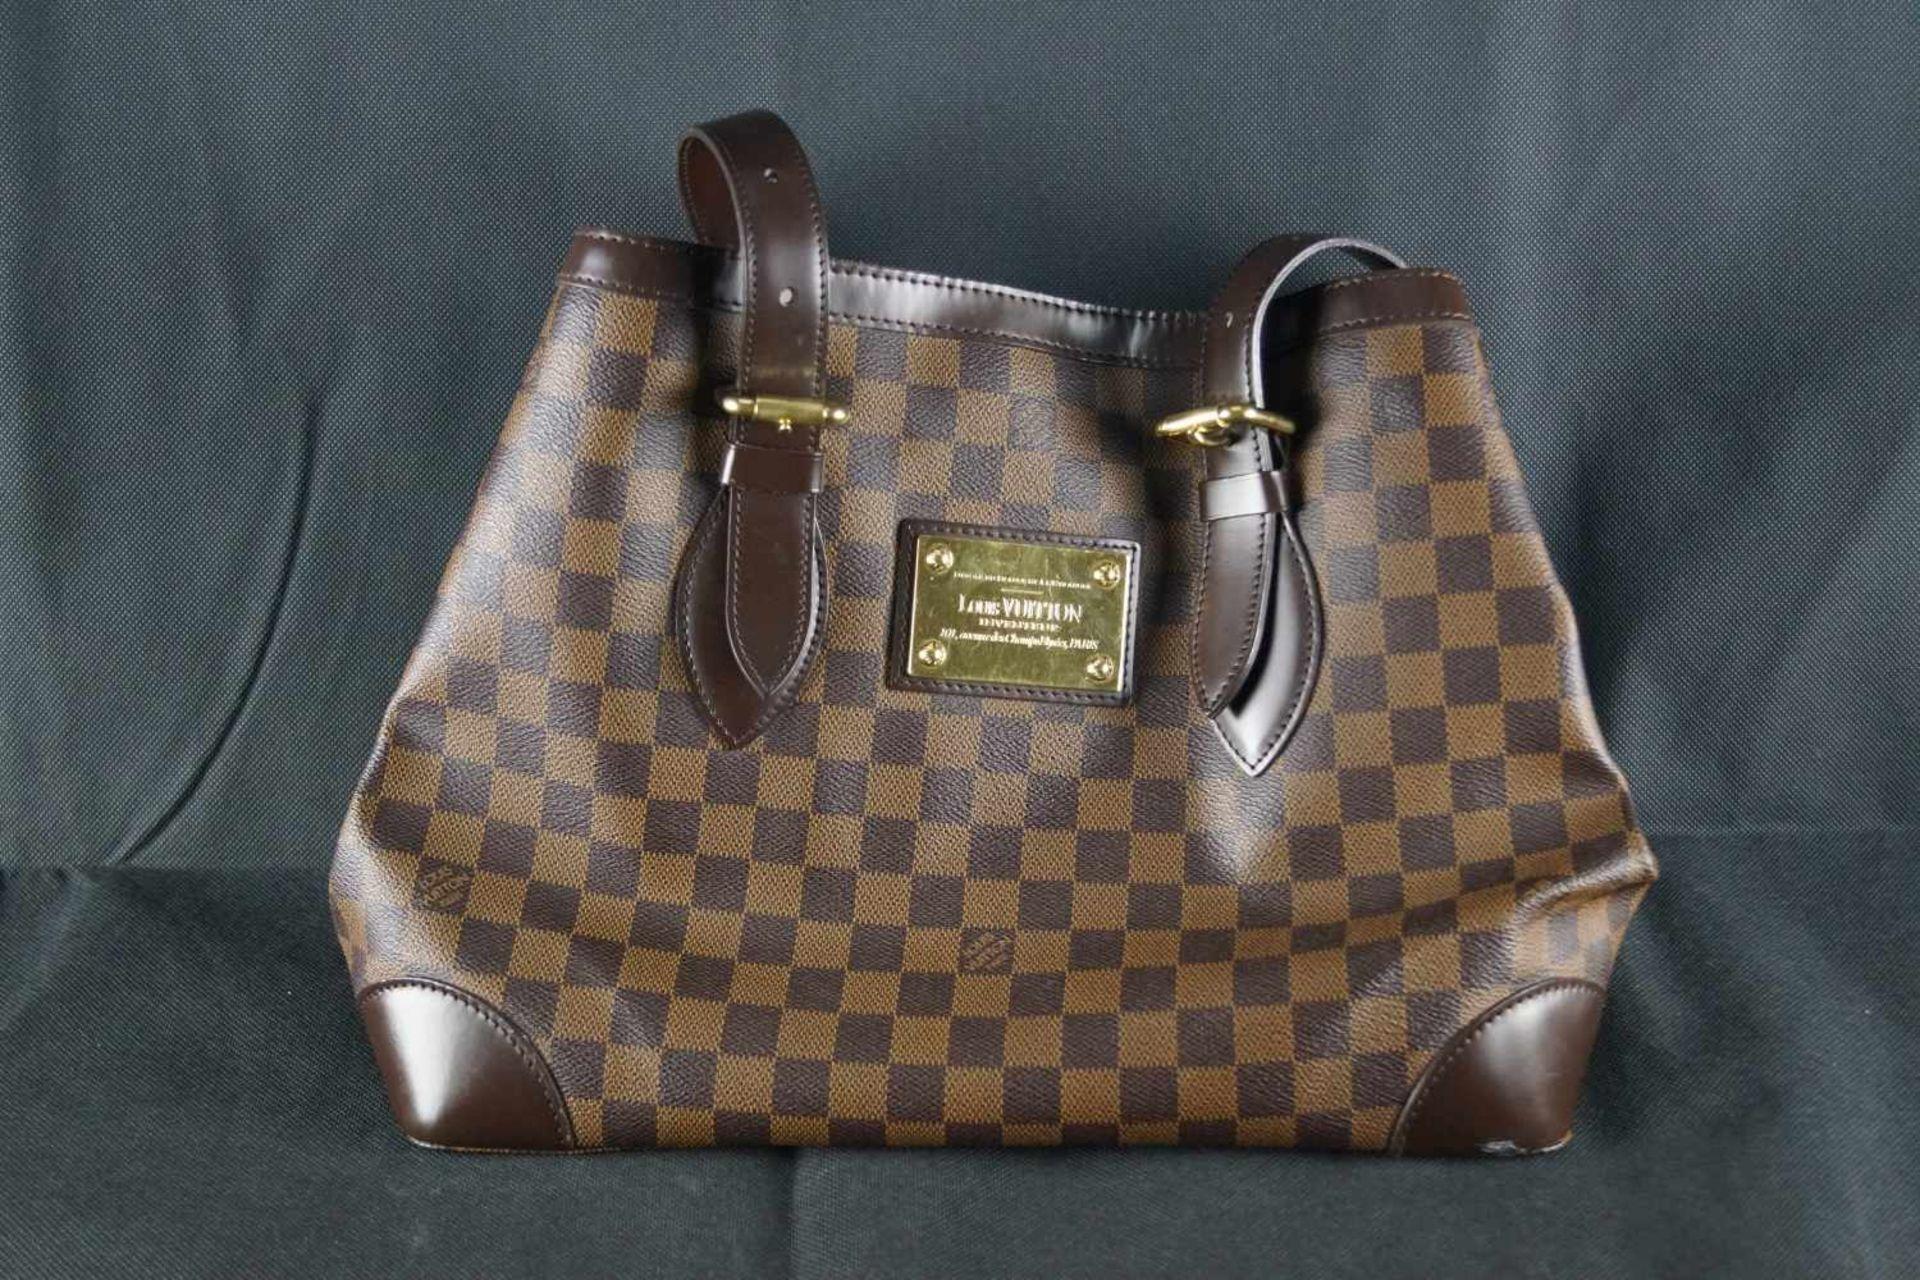 Louis Vuitton Handtasche Damier Hampstead PM, Höhe ca. 22 cm x Breite ca. 34 cm, Date Code TH3058,